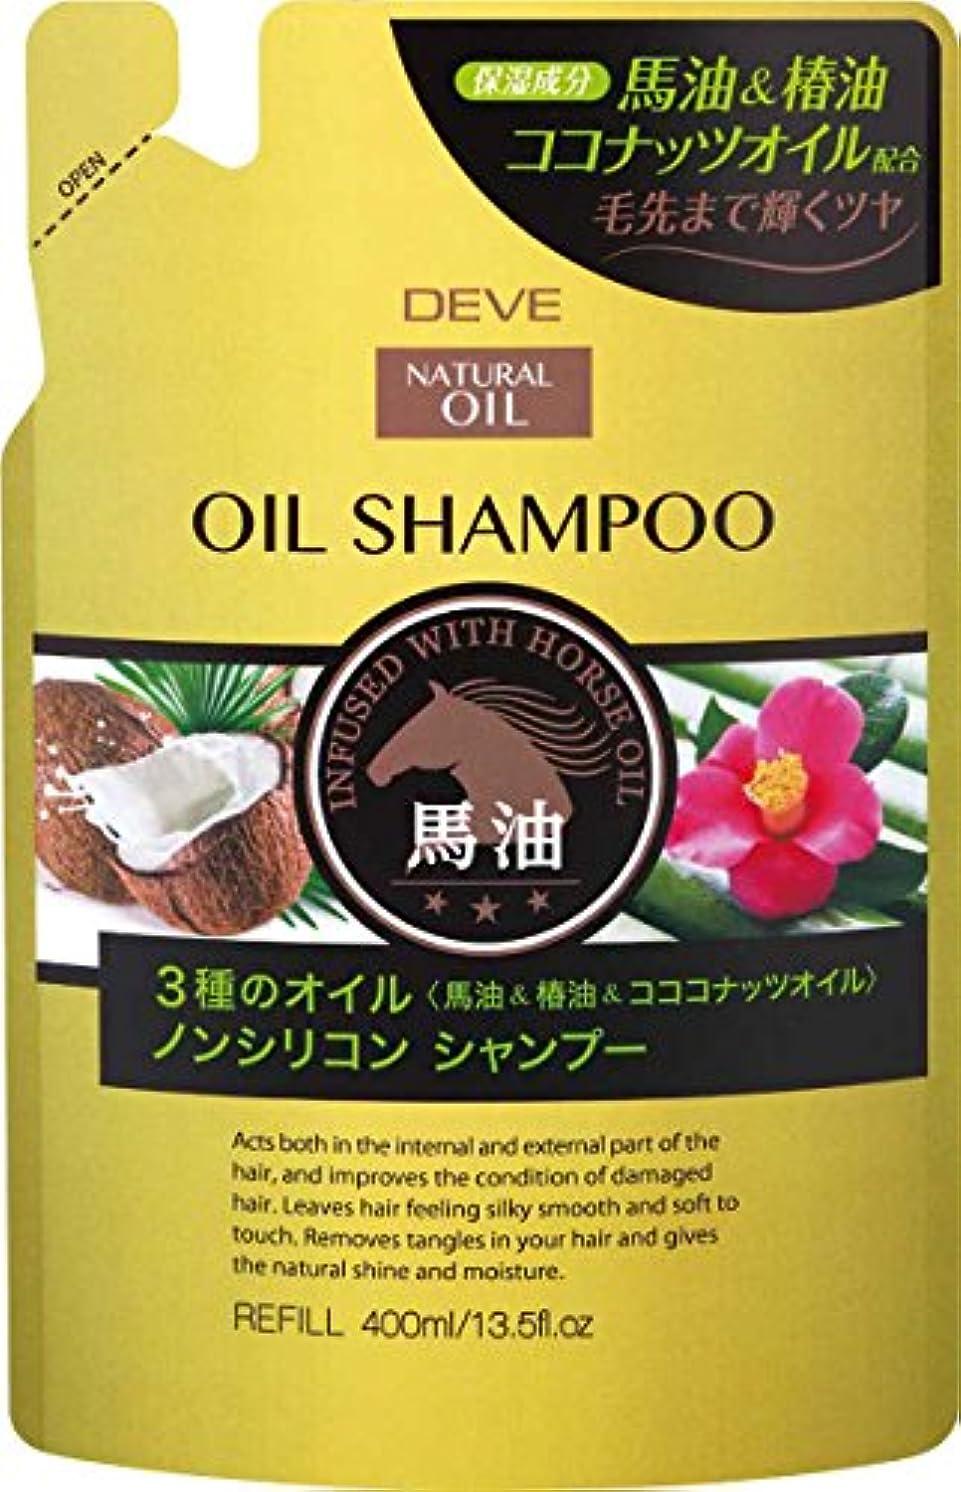 咳ラッカス胃熊野油脂 ディブ 3種のオイルシャンプー(馬油?椿油?ココナッツオイル)400ml